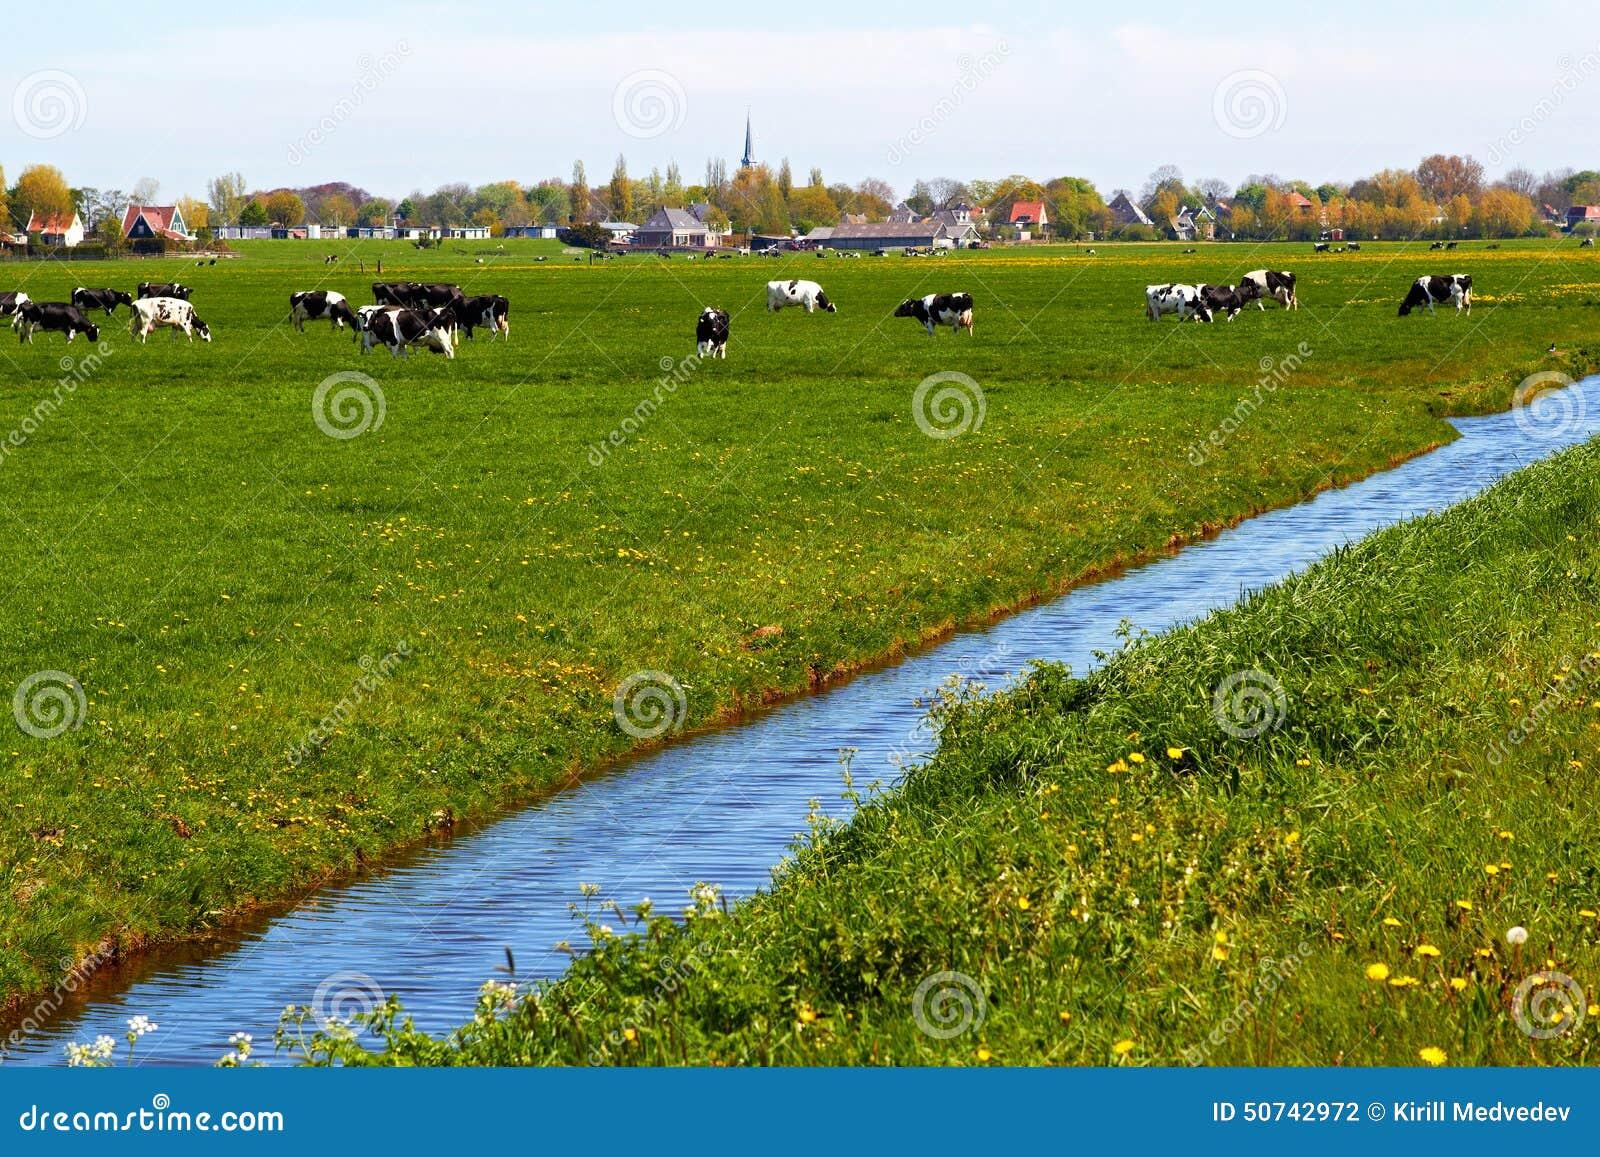 Typische niederländische Landschaft mit Kuhackerland und einem Gutshaus